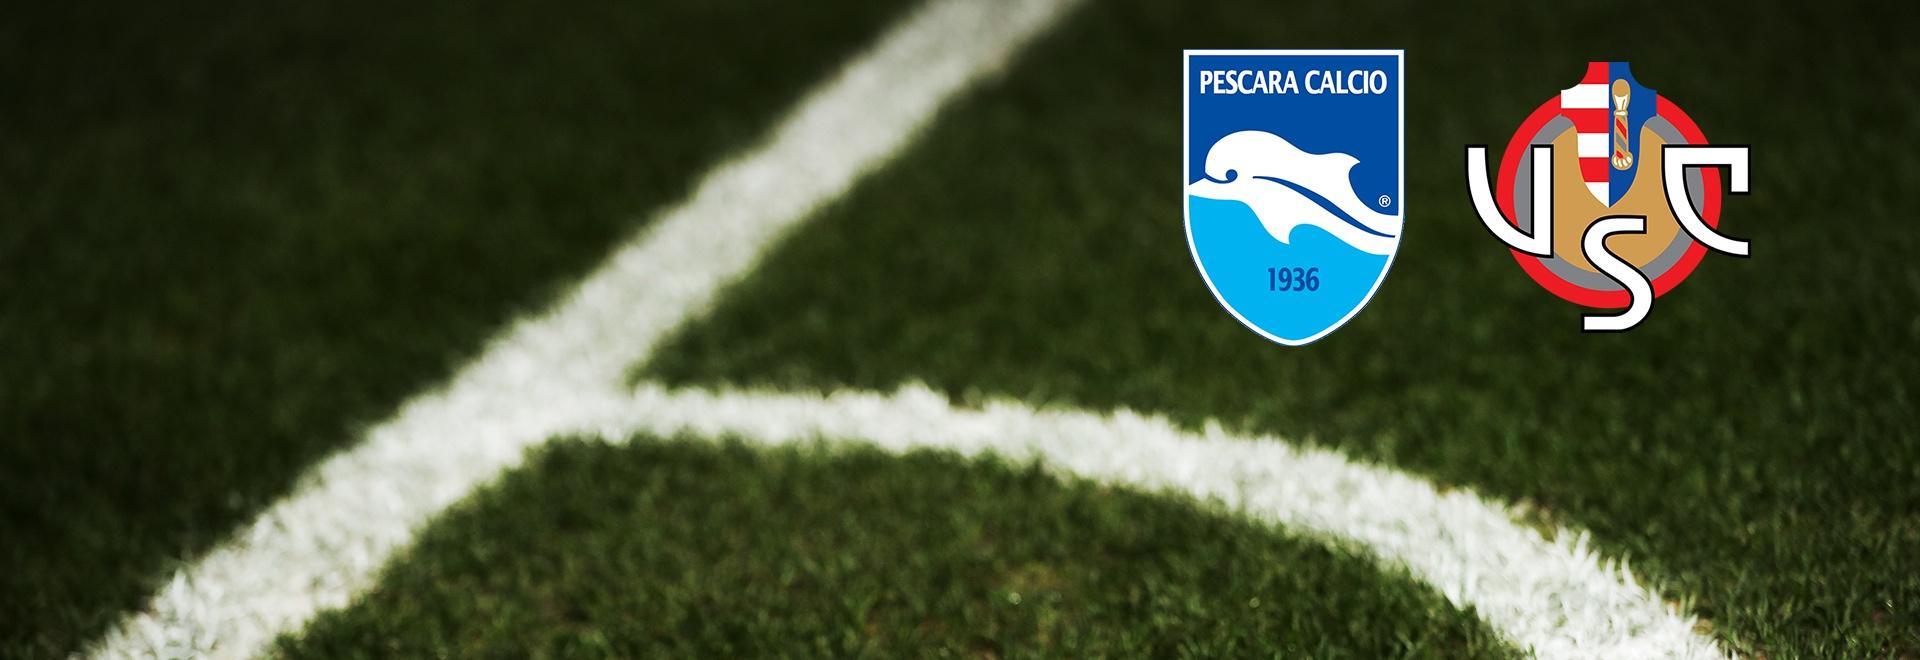 Pescara - Cremonese. 13a g.